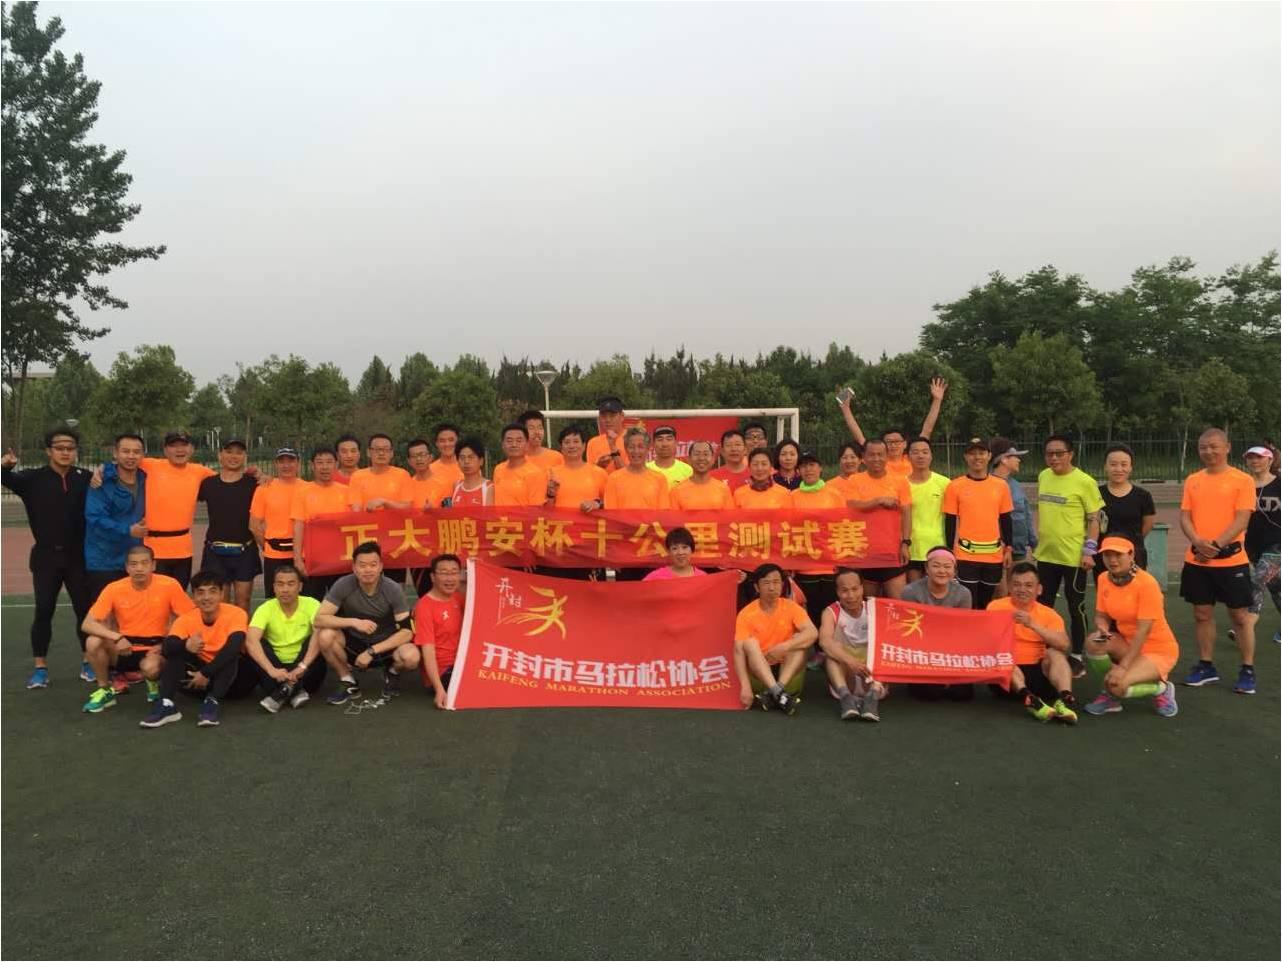 公司组织参加马拉松十公里测试赛1